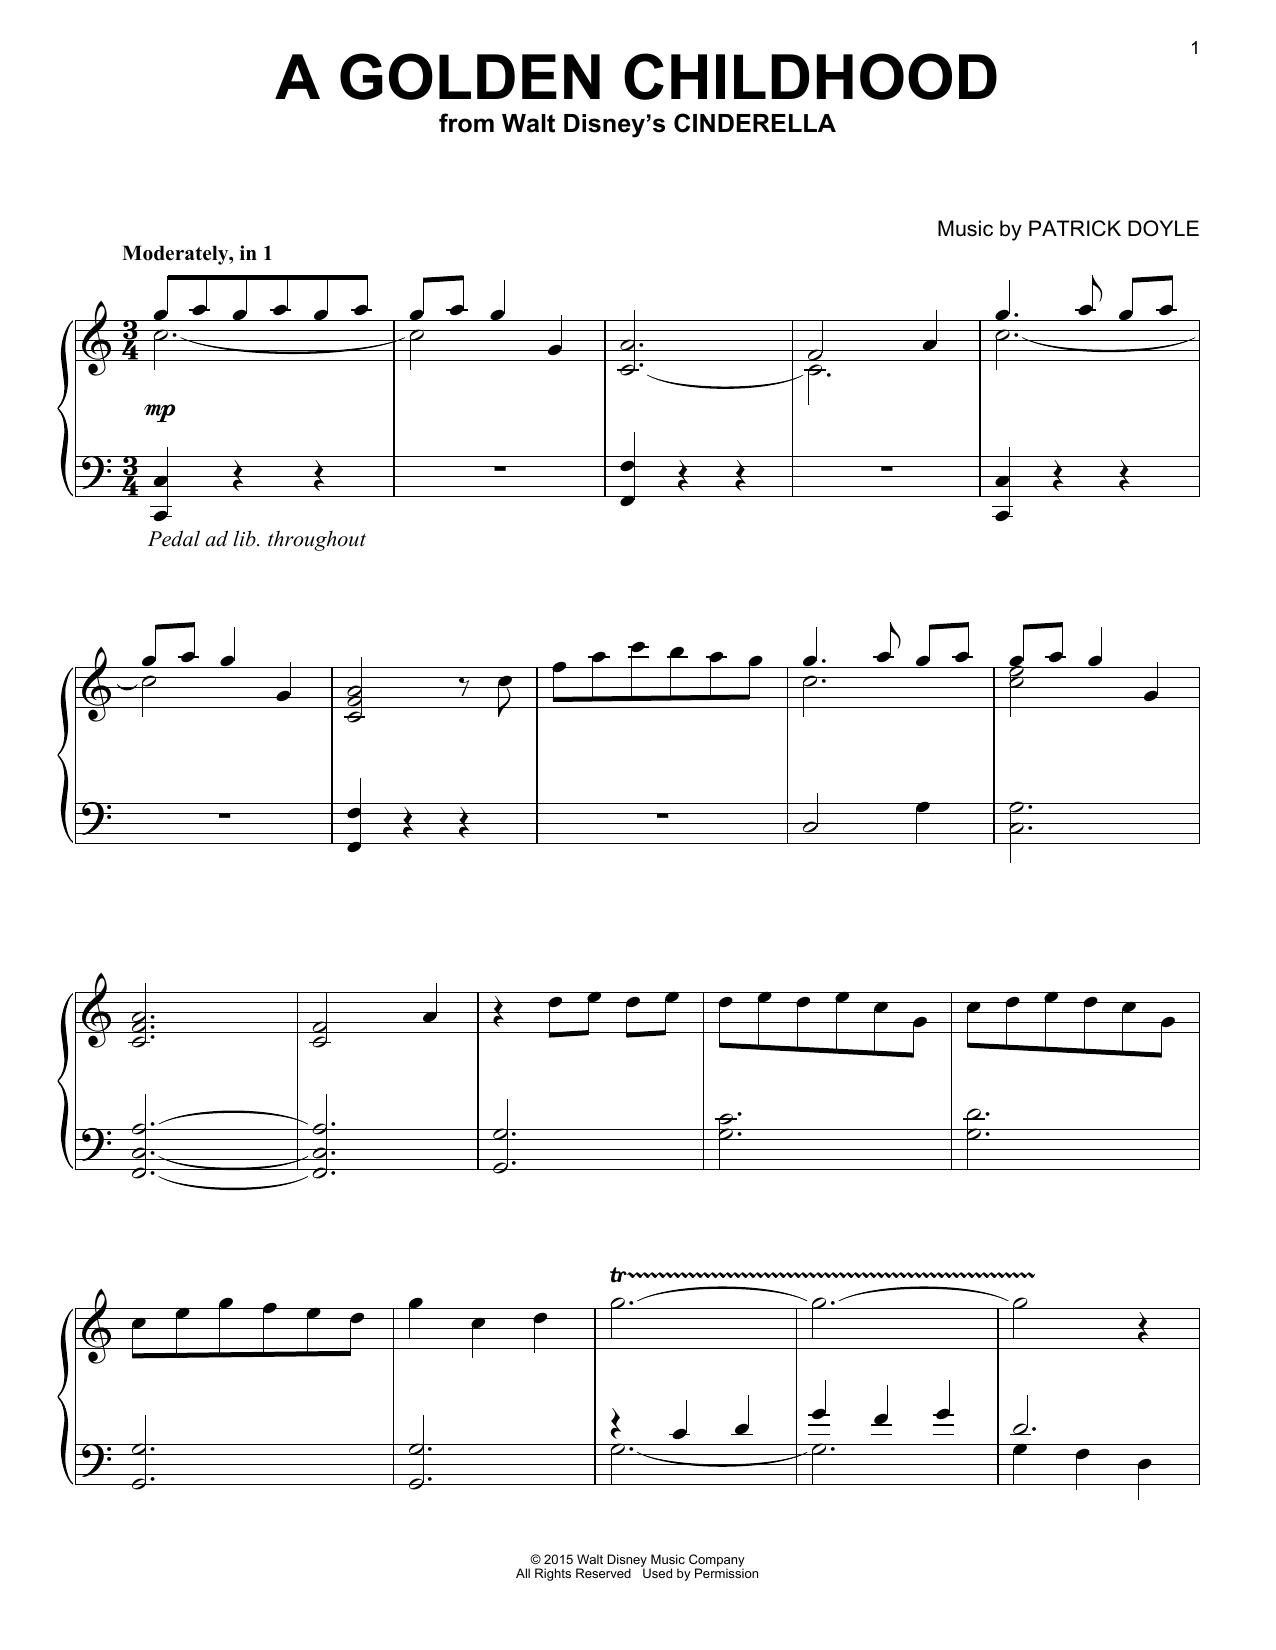 A Golden Childhood (from Walt Disney's Cinderella) Sheet Music